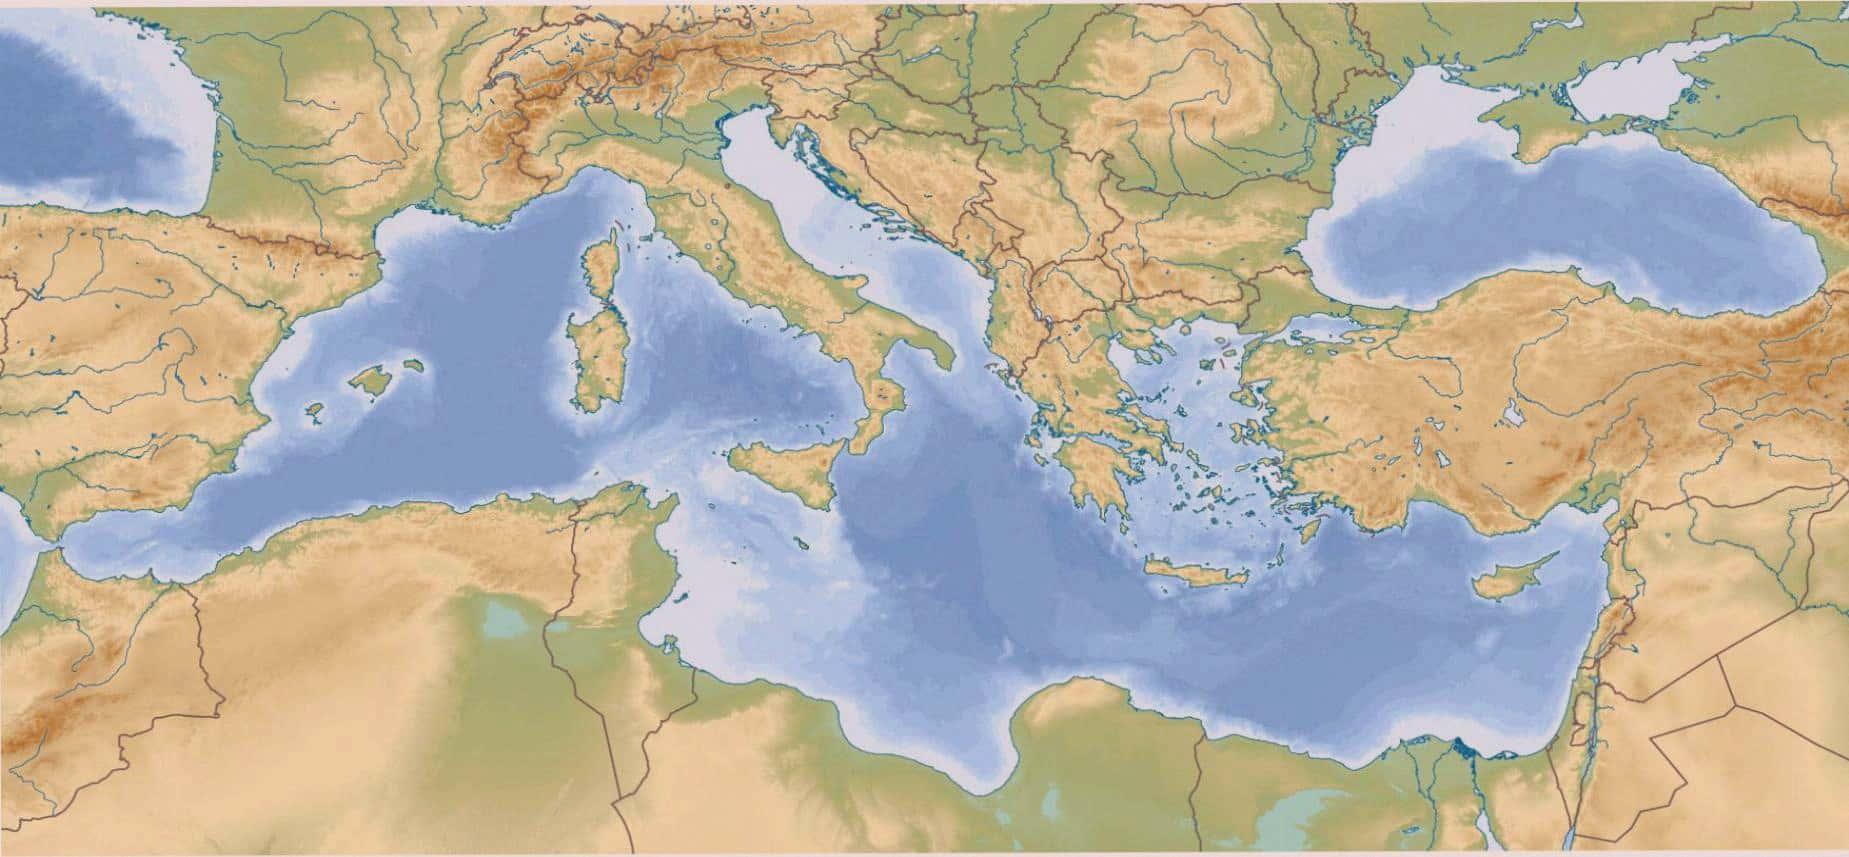 Morze Srodziemne Mapa Kraje Przybrzezne Wyspy Morze Srodziemne